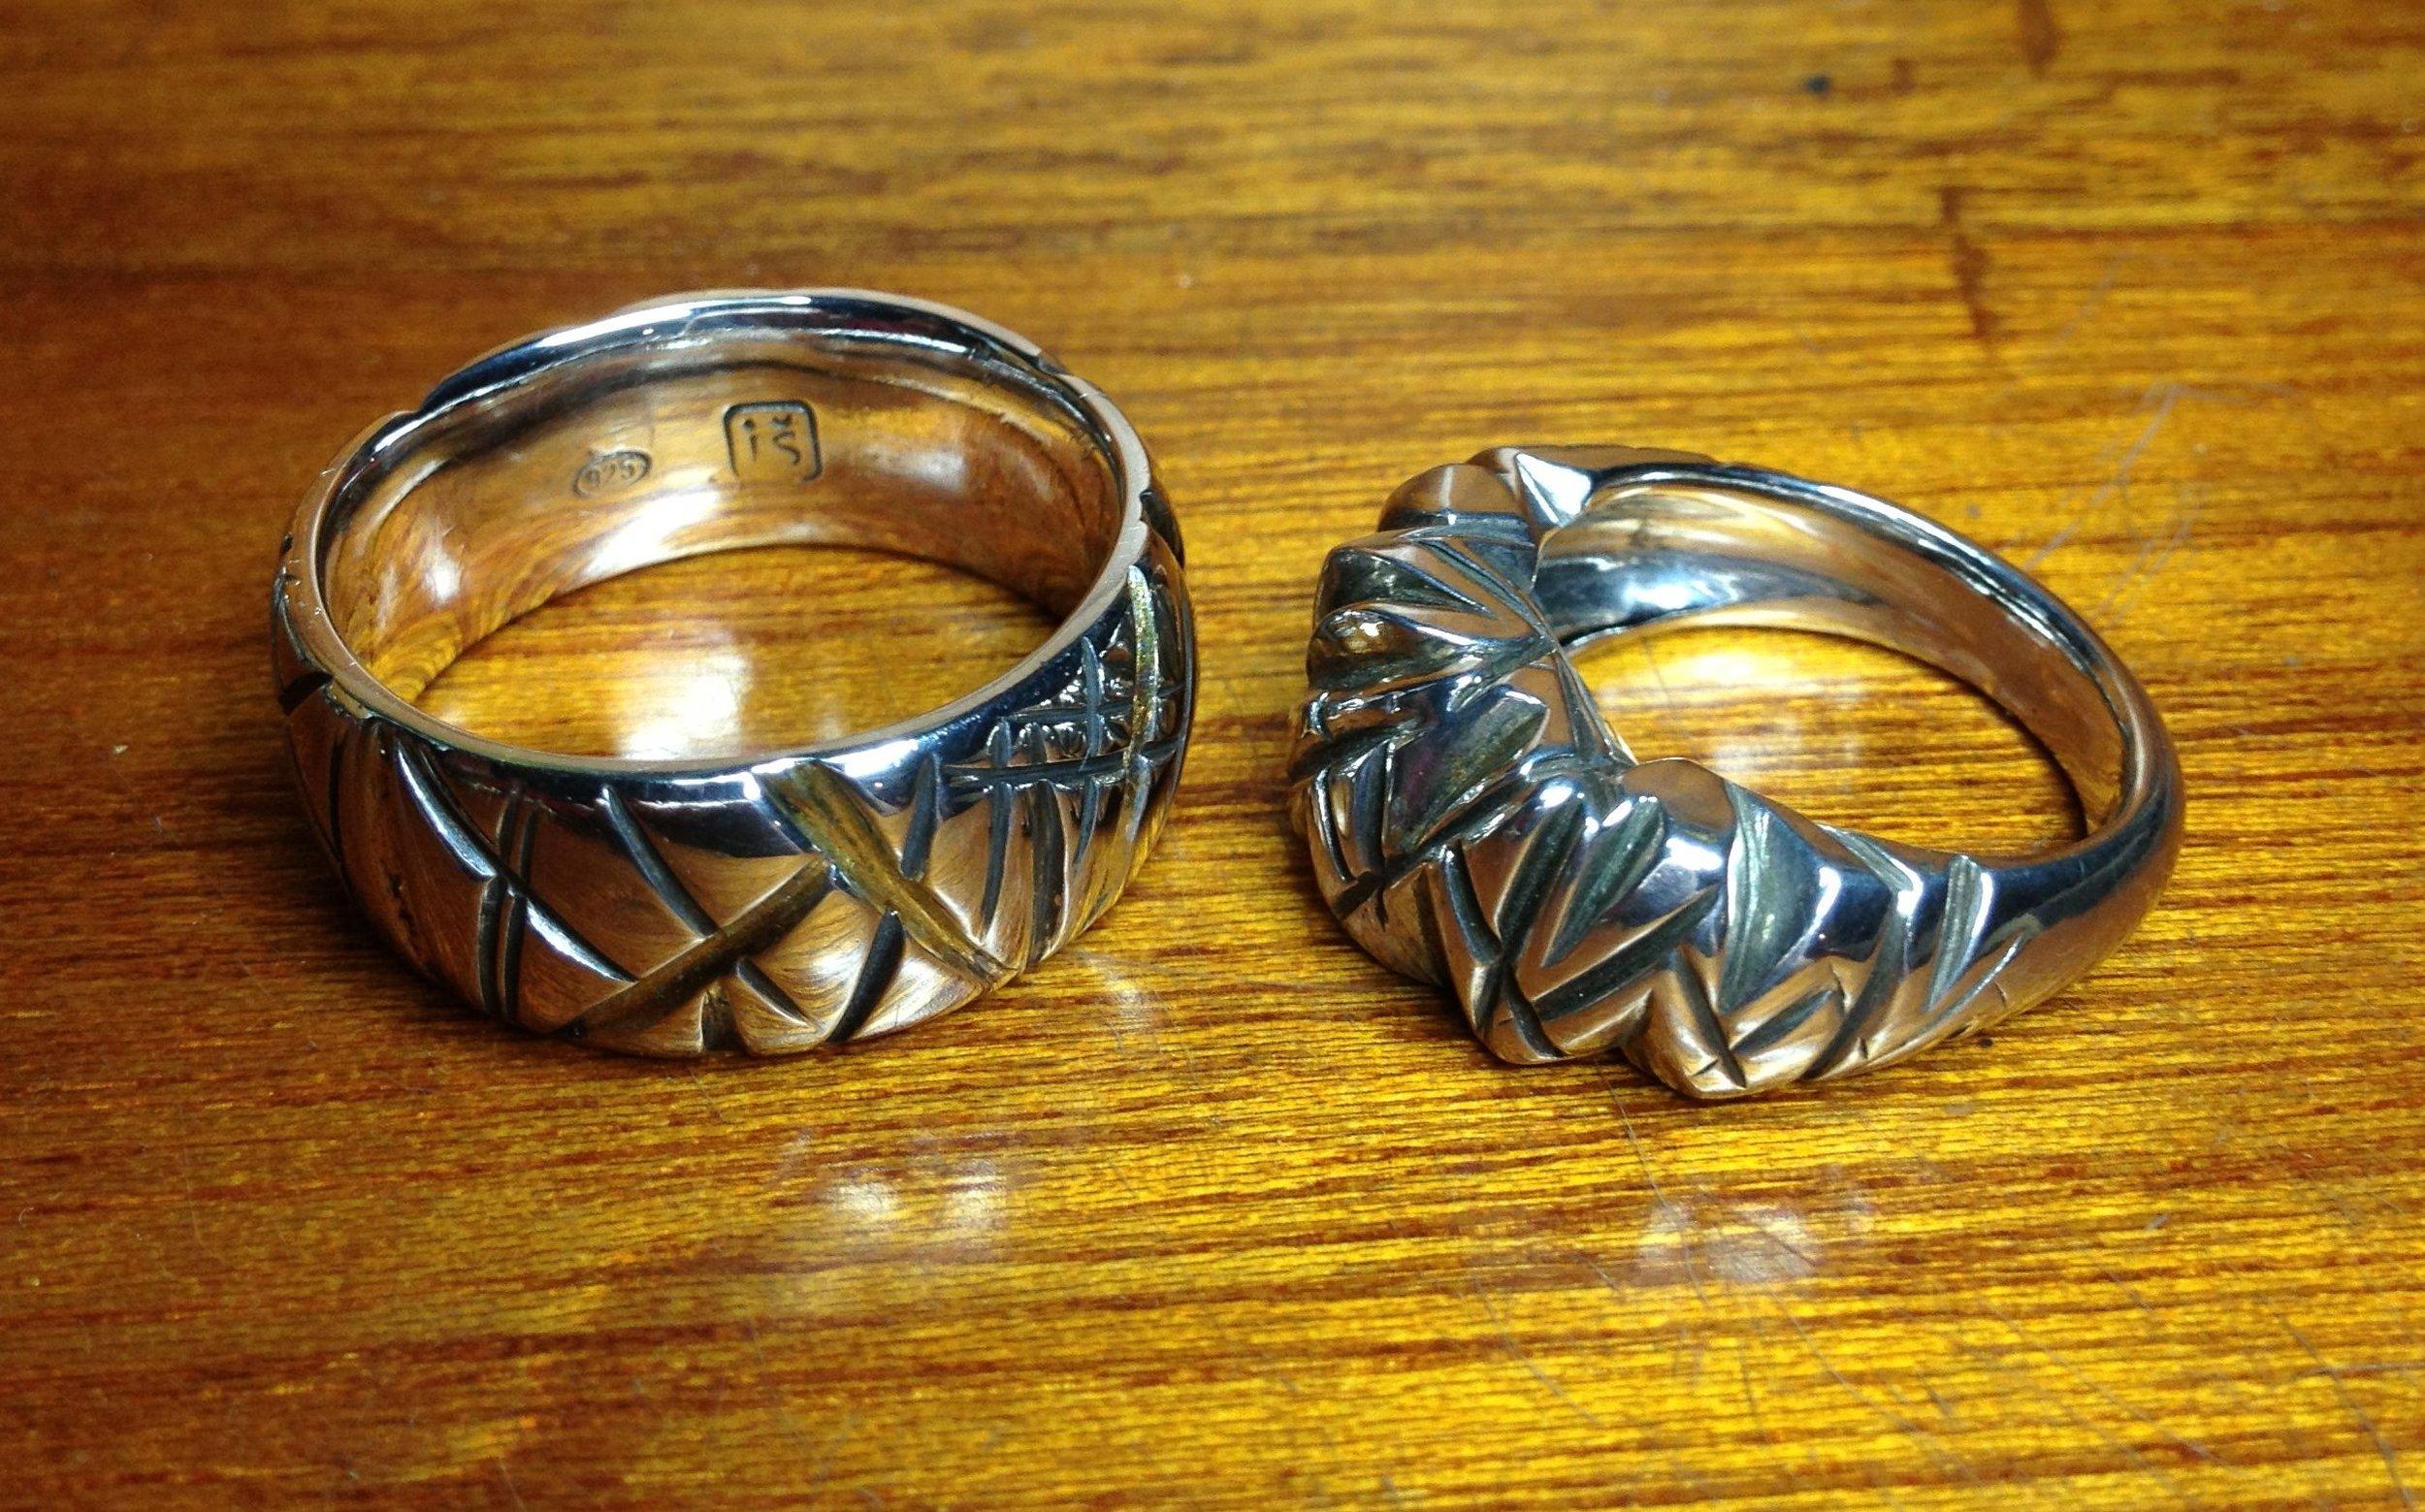 Vasara Jewellery Wedge rings.jpg